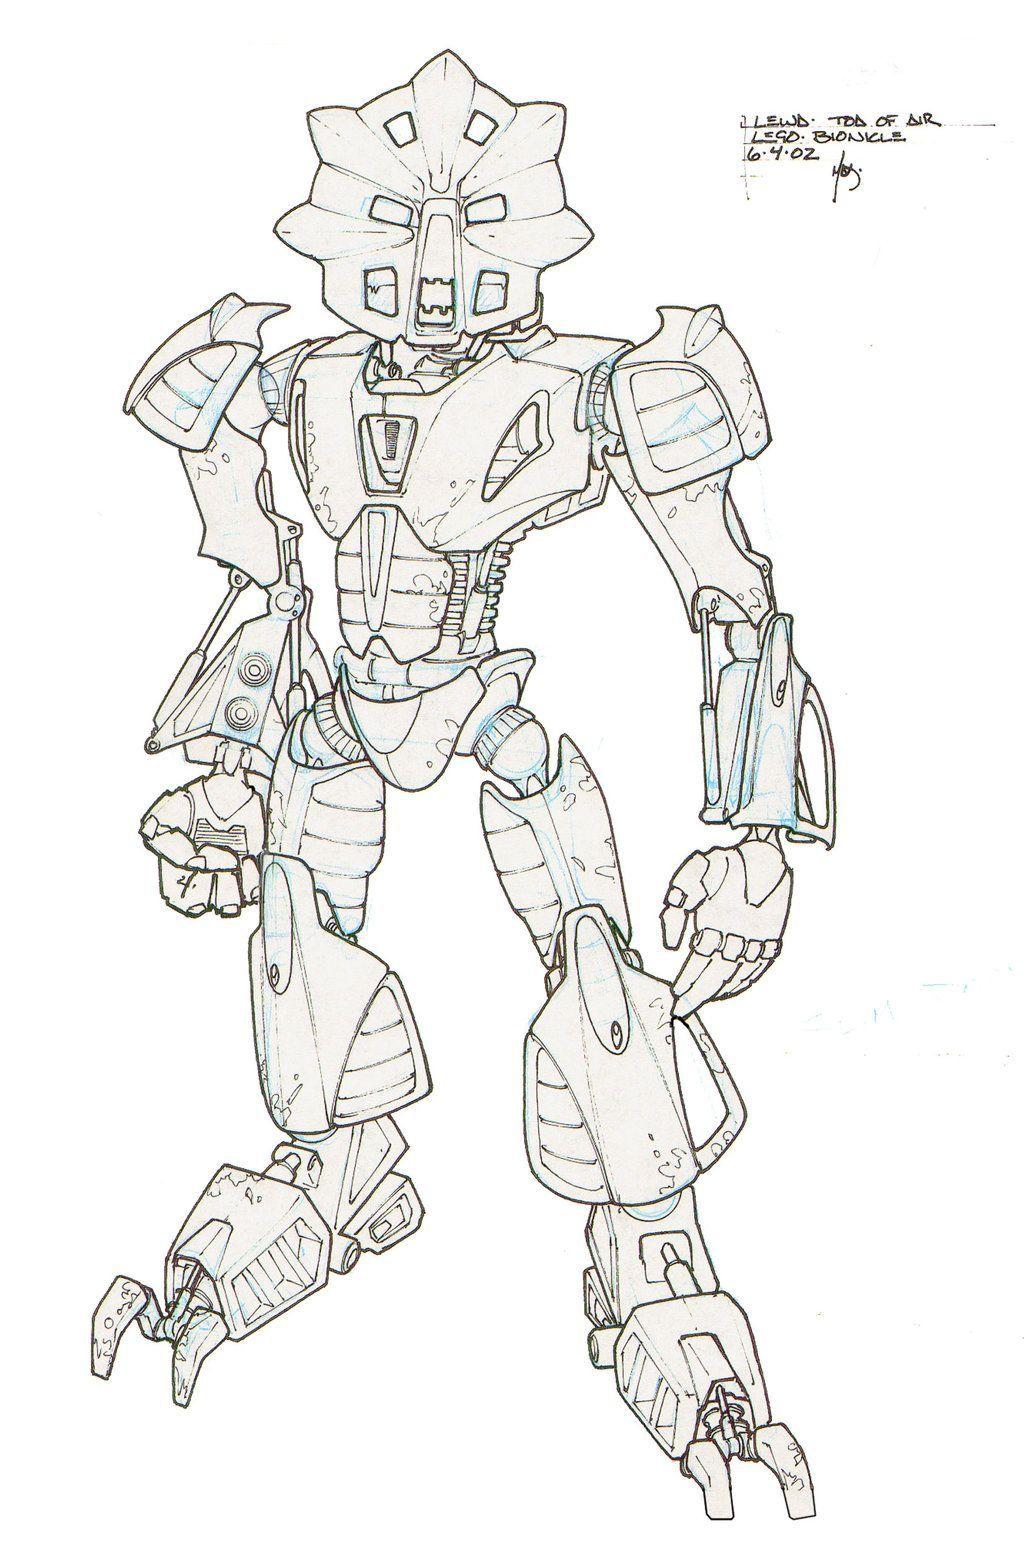 Asombroso Bionicle Para Colorear Imprimible Embellecimiento - Ideas ...